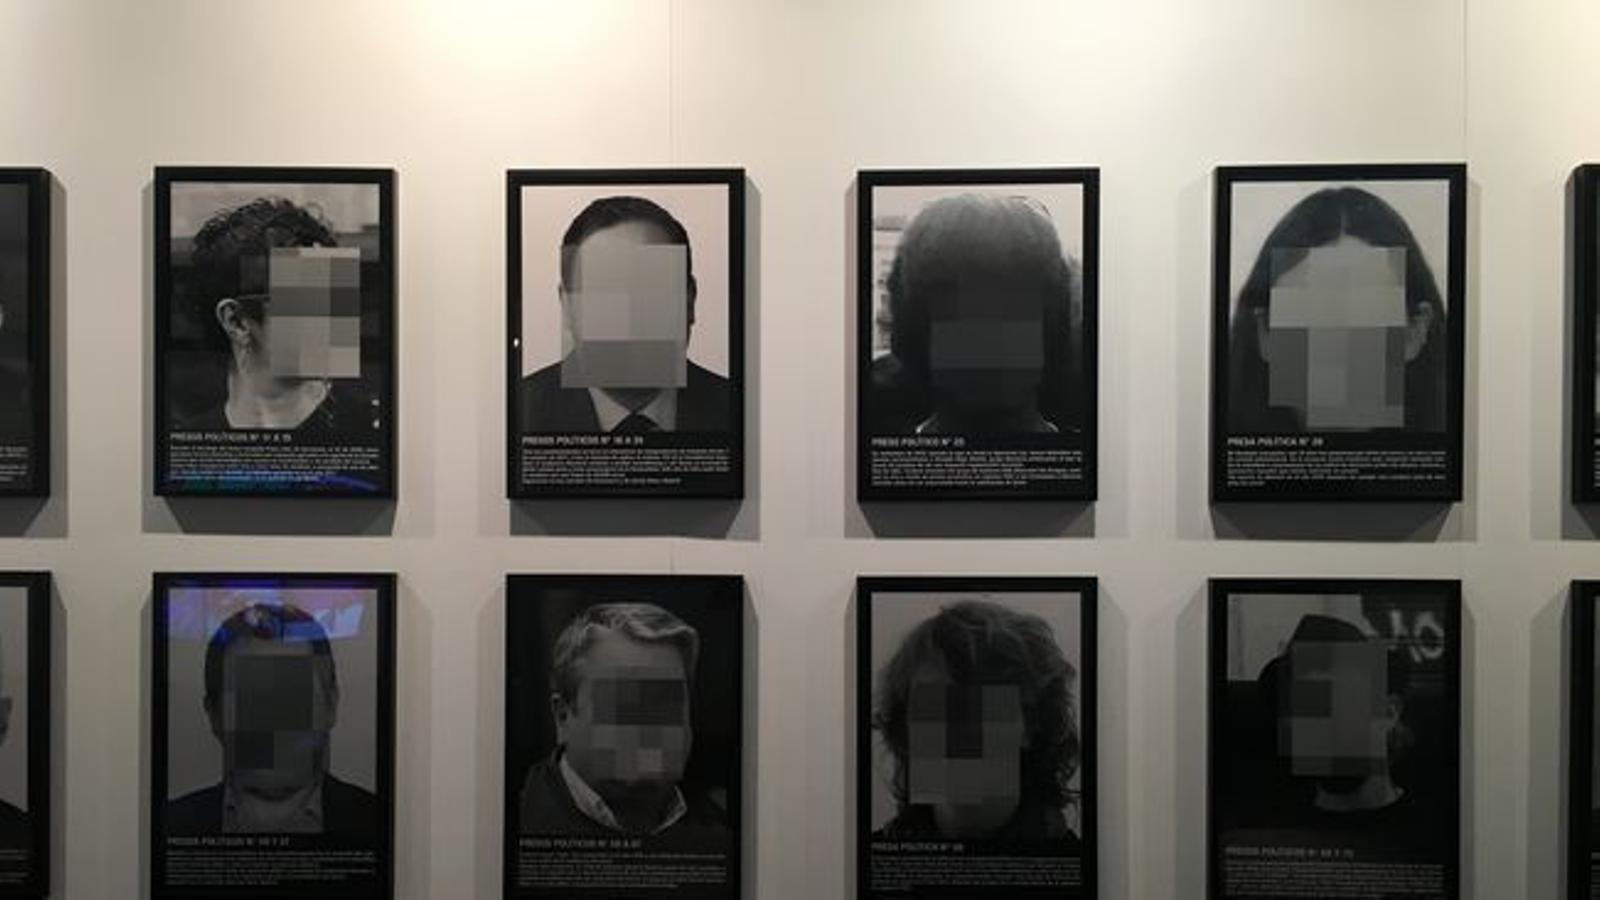 Arco demana disculpes però no tornarà a exposar l'obra 'Presos polítics espanyols contemporanis'